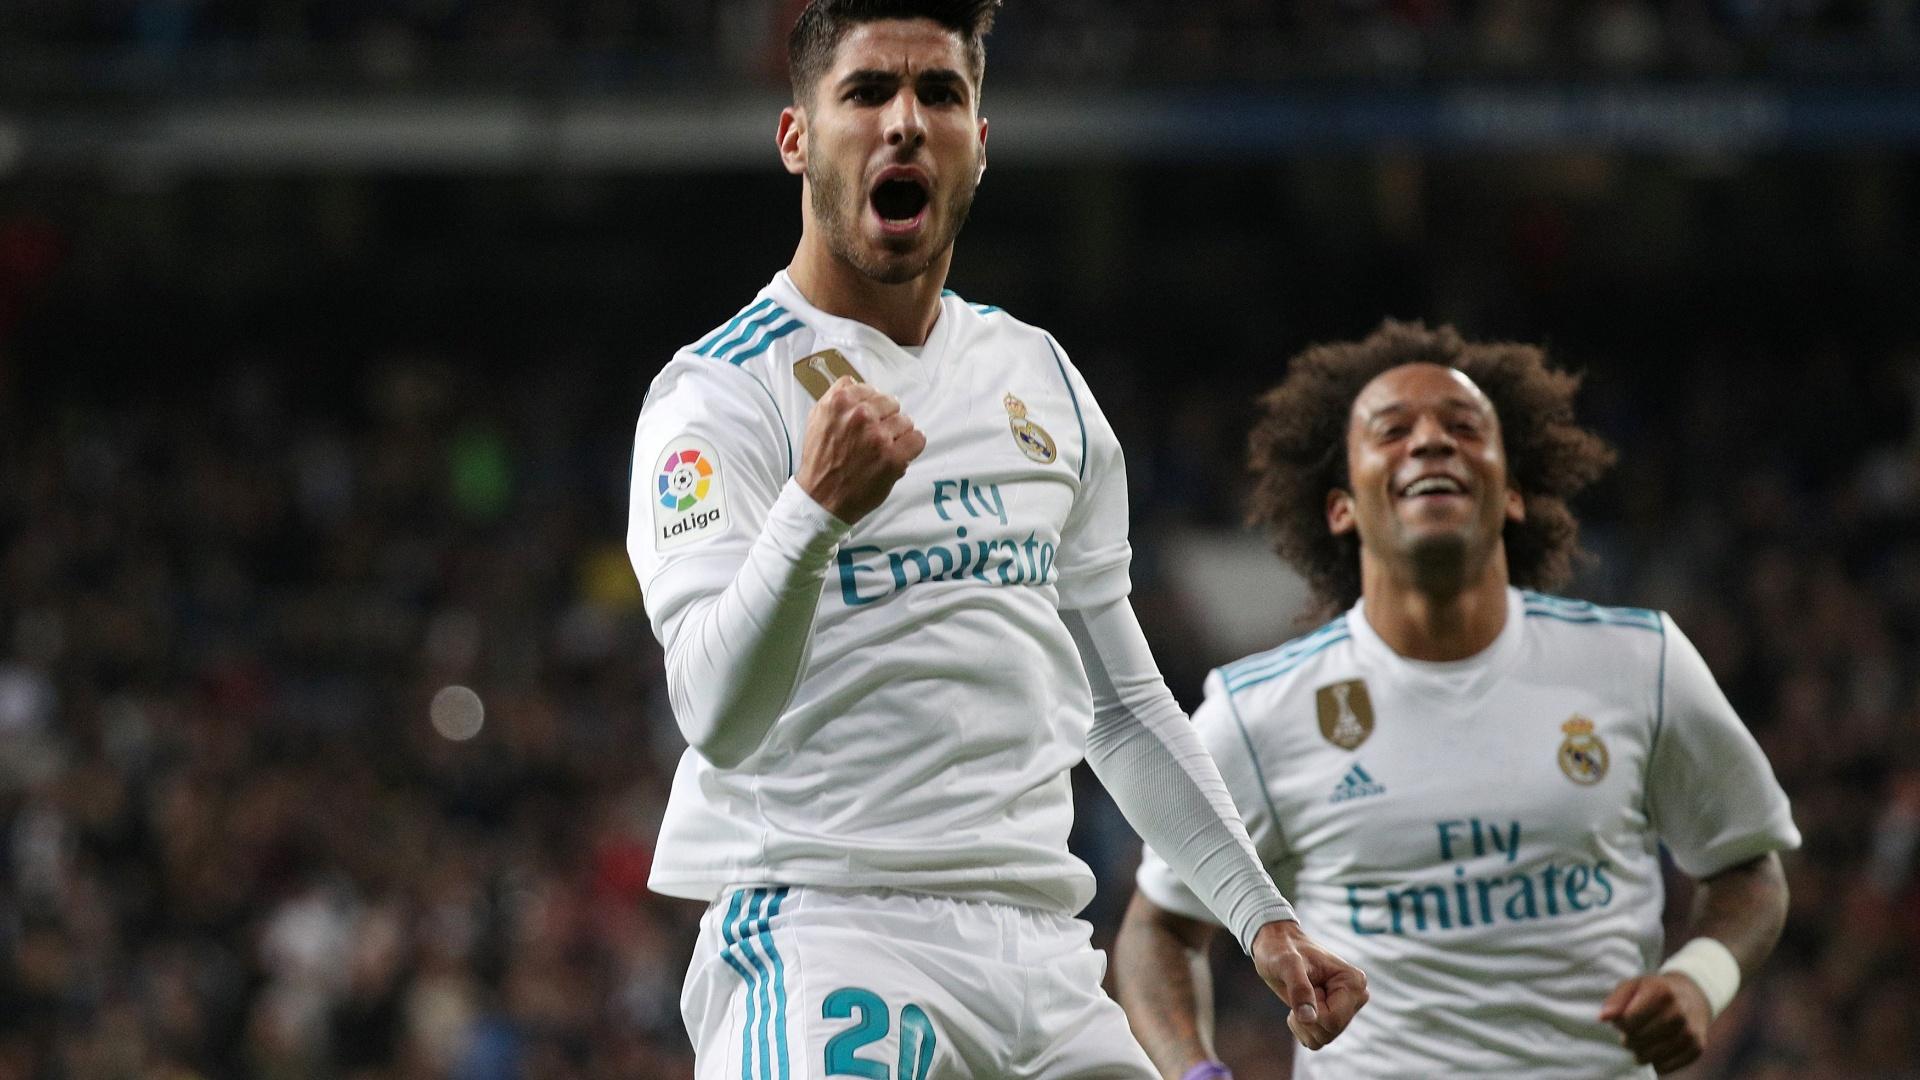 Asensio comemora seu gol na vitória sobre o Las Palmas